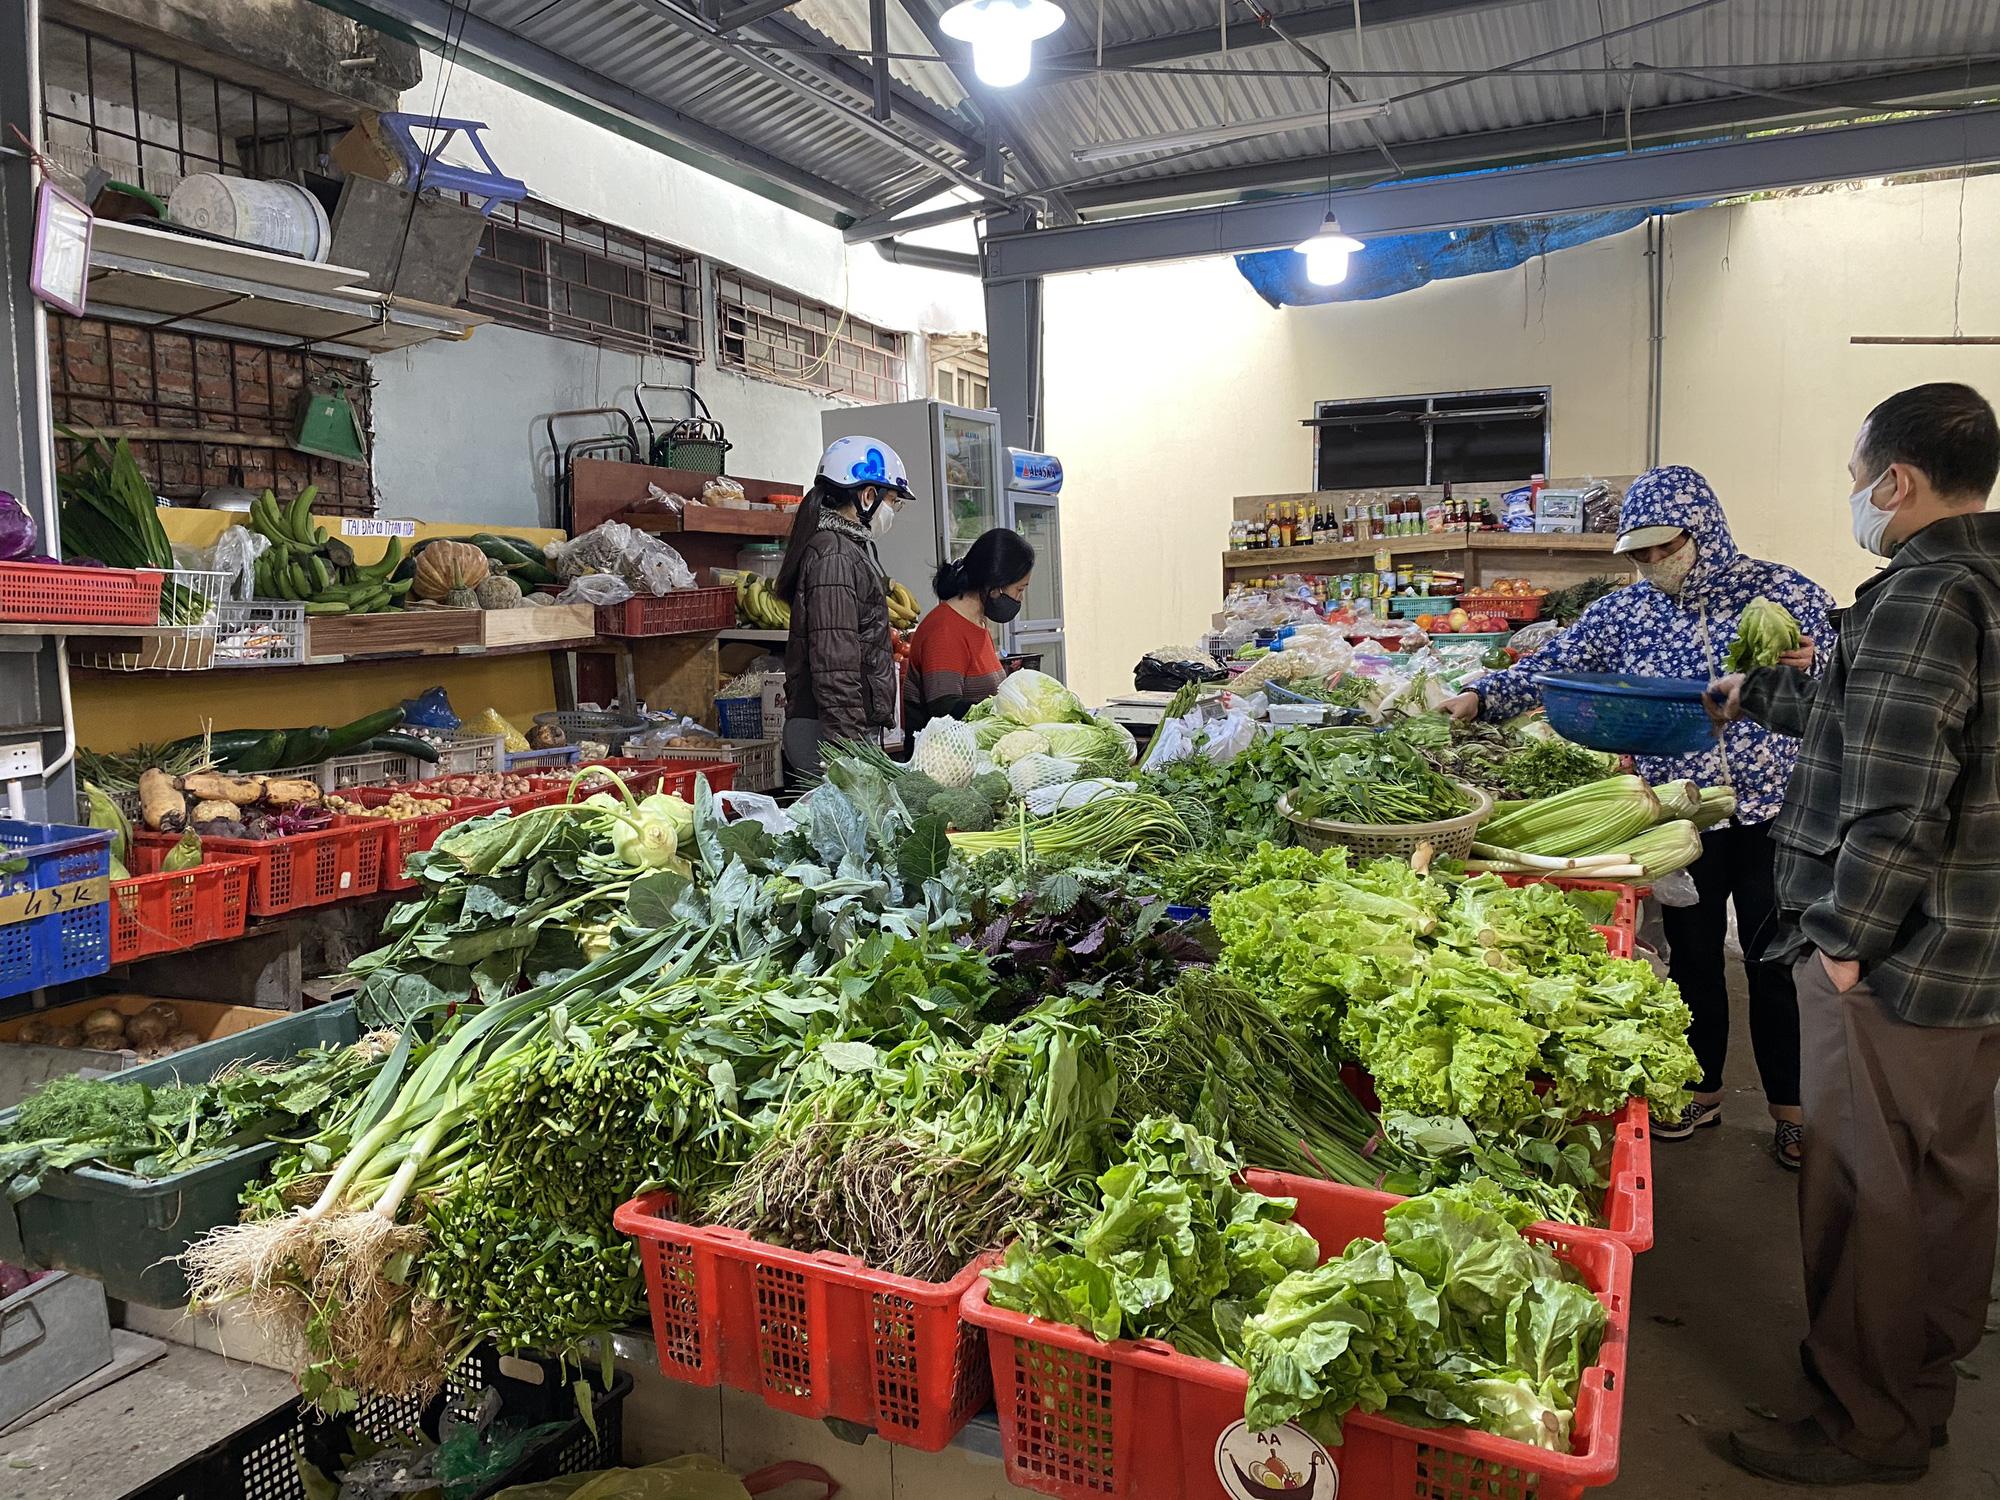 Chợ dân sinh hoạt động bình thường trong ngày đầu tiên Hà Nội cách li, nhiều tiểu thương áp dụng hình thức giao thực phẩm tại nhà - Ảnh 2.